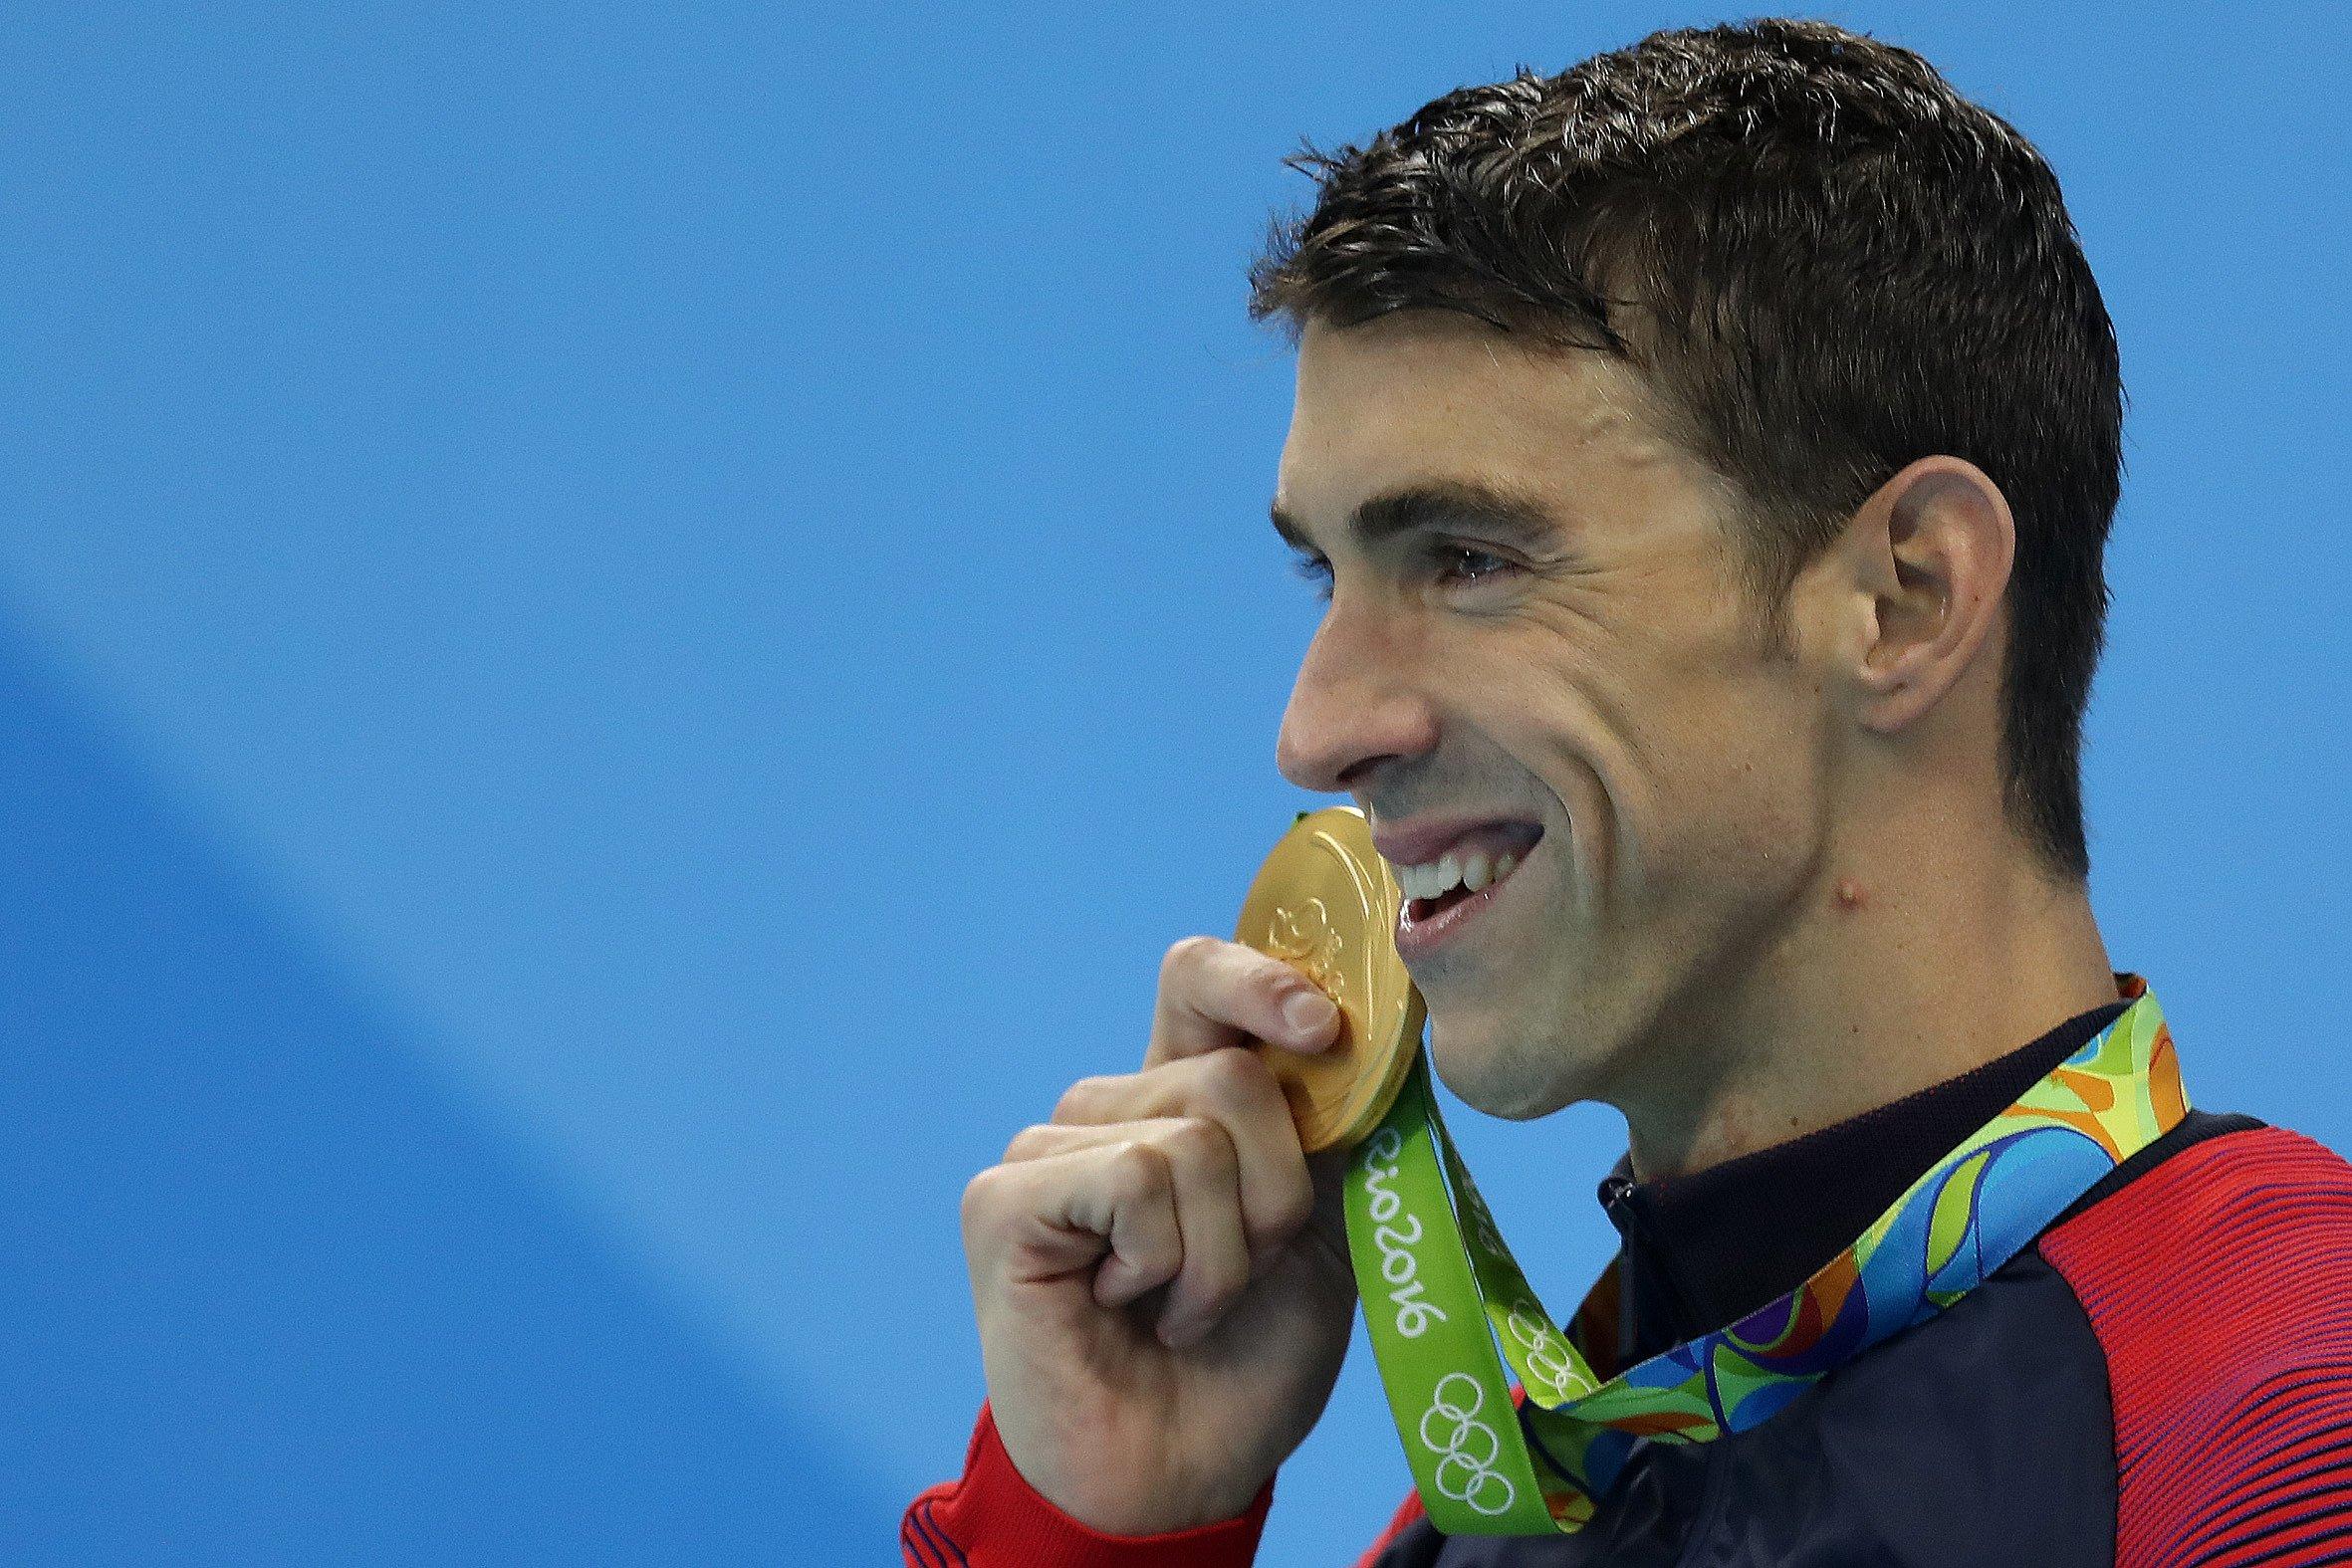 Michael Phelps đã tận dụng lợi thế để tạo nên kỷ lục thế giới